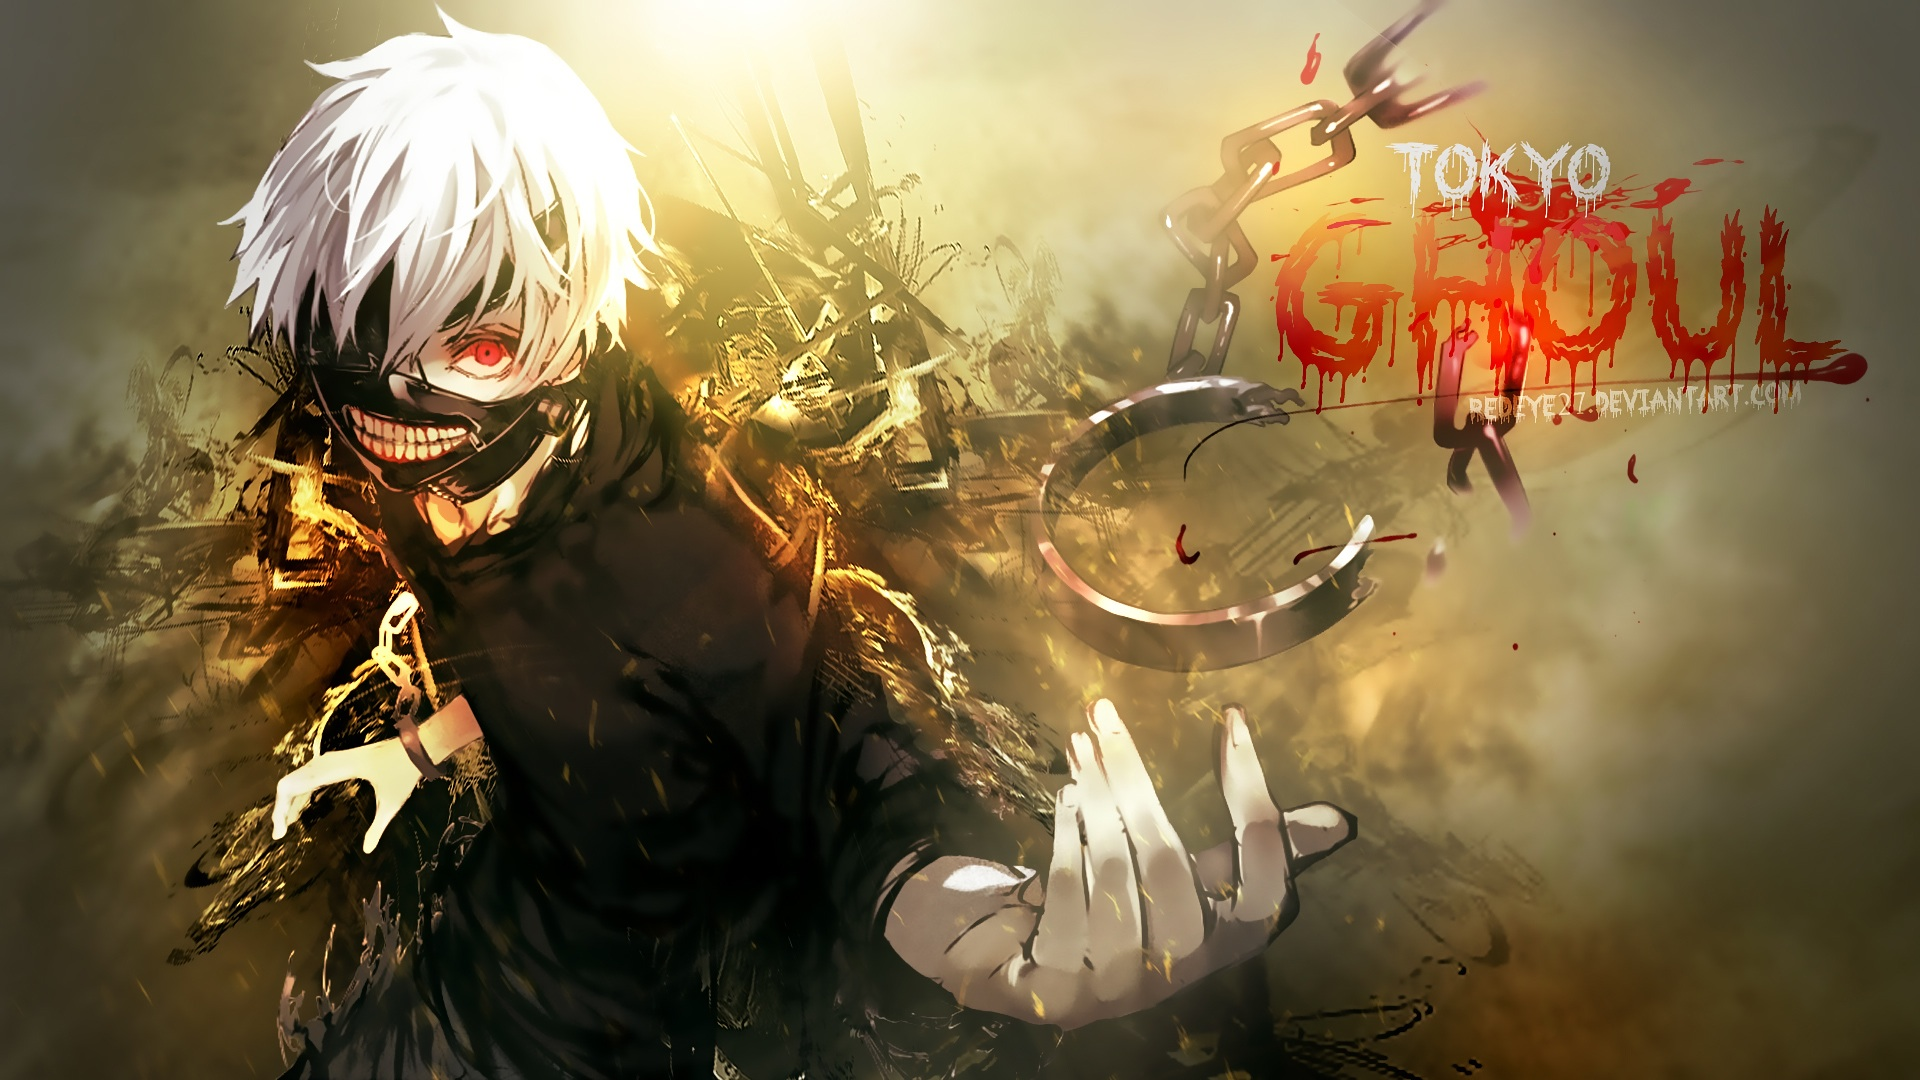 Ảnh nền anime Tokyo Ghoul - Ngạ Quỷ Kinh Đô